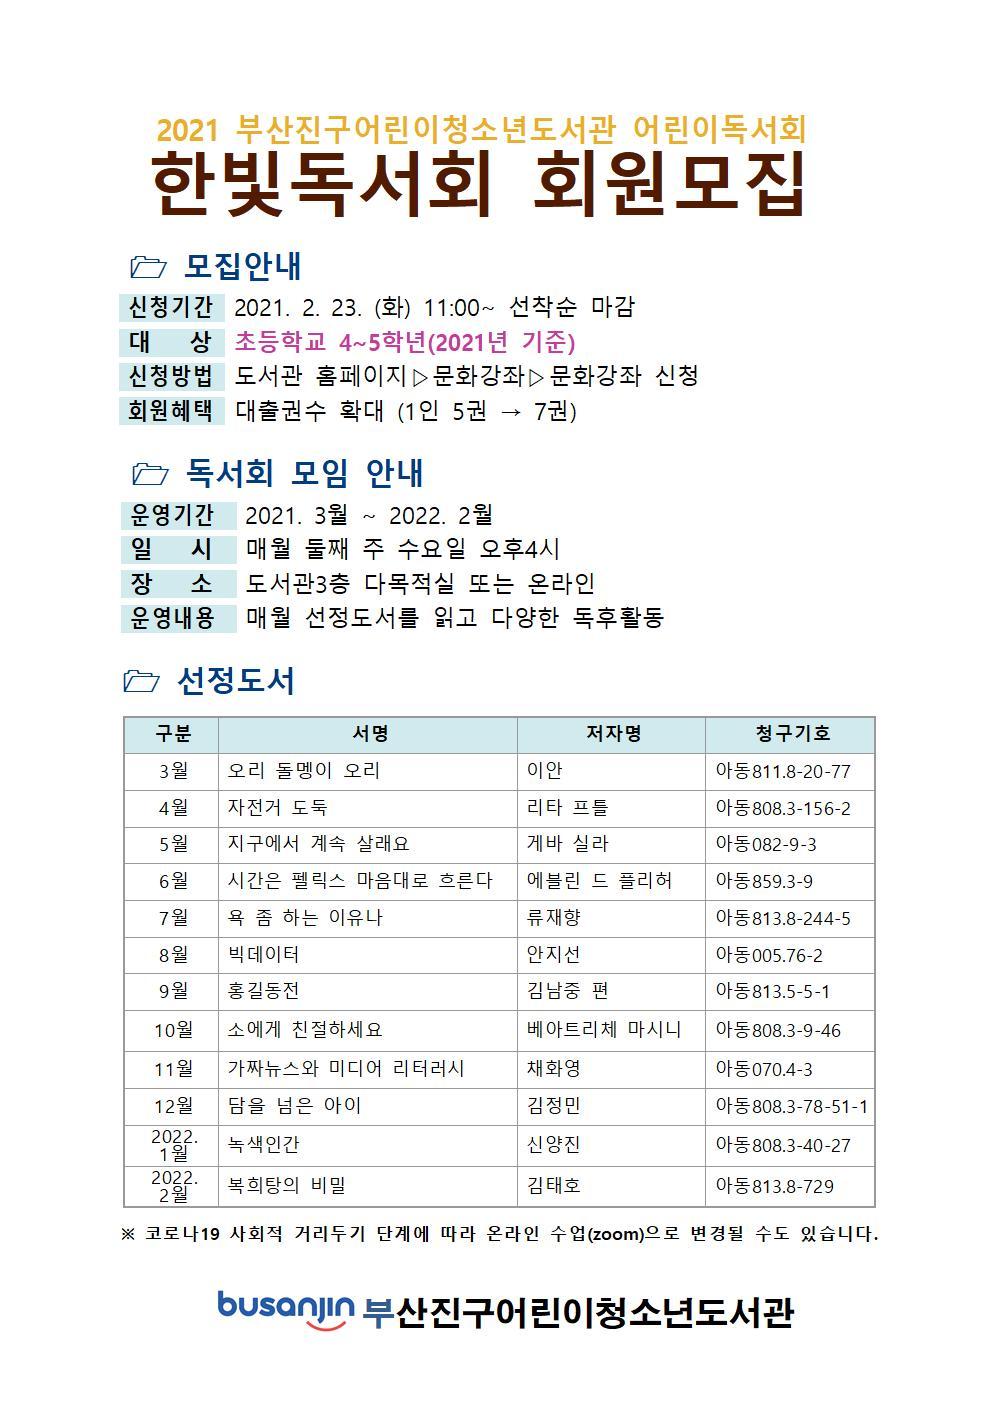 2021년 어린이독서회(한빛독서회) 모집 안내 - 초등 4~5학년